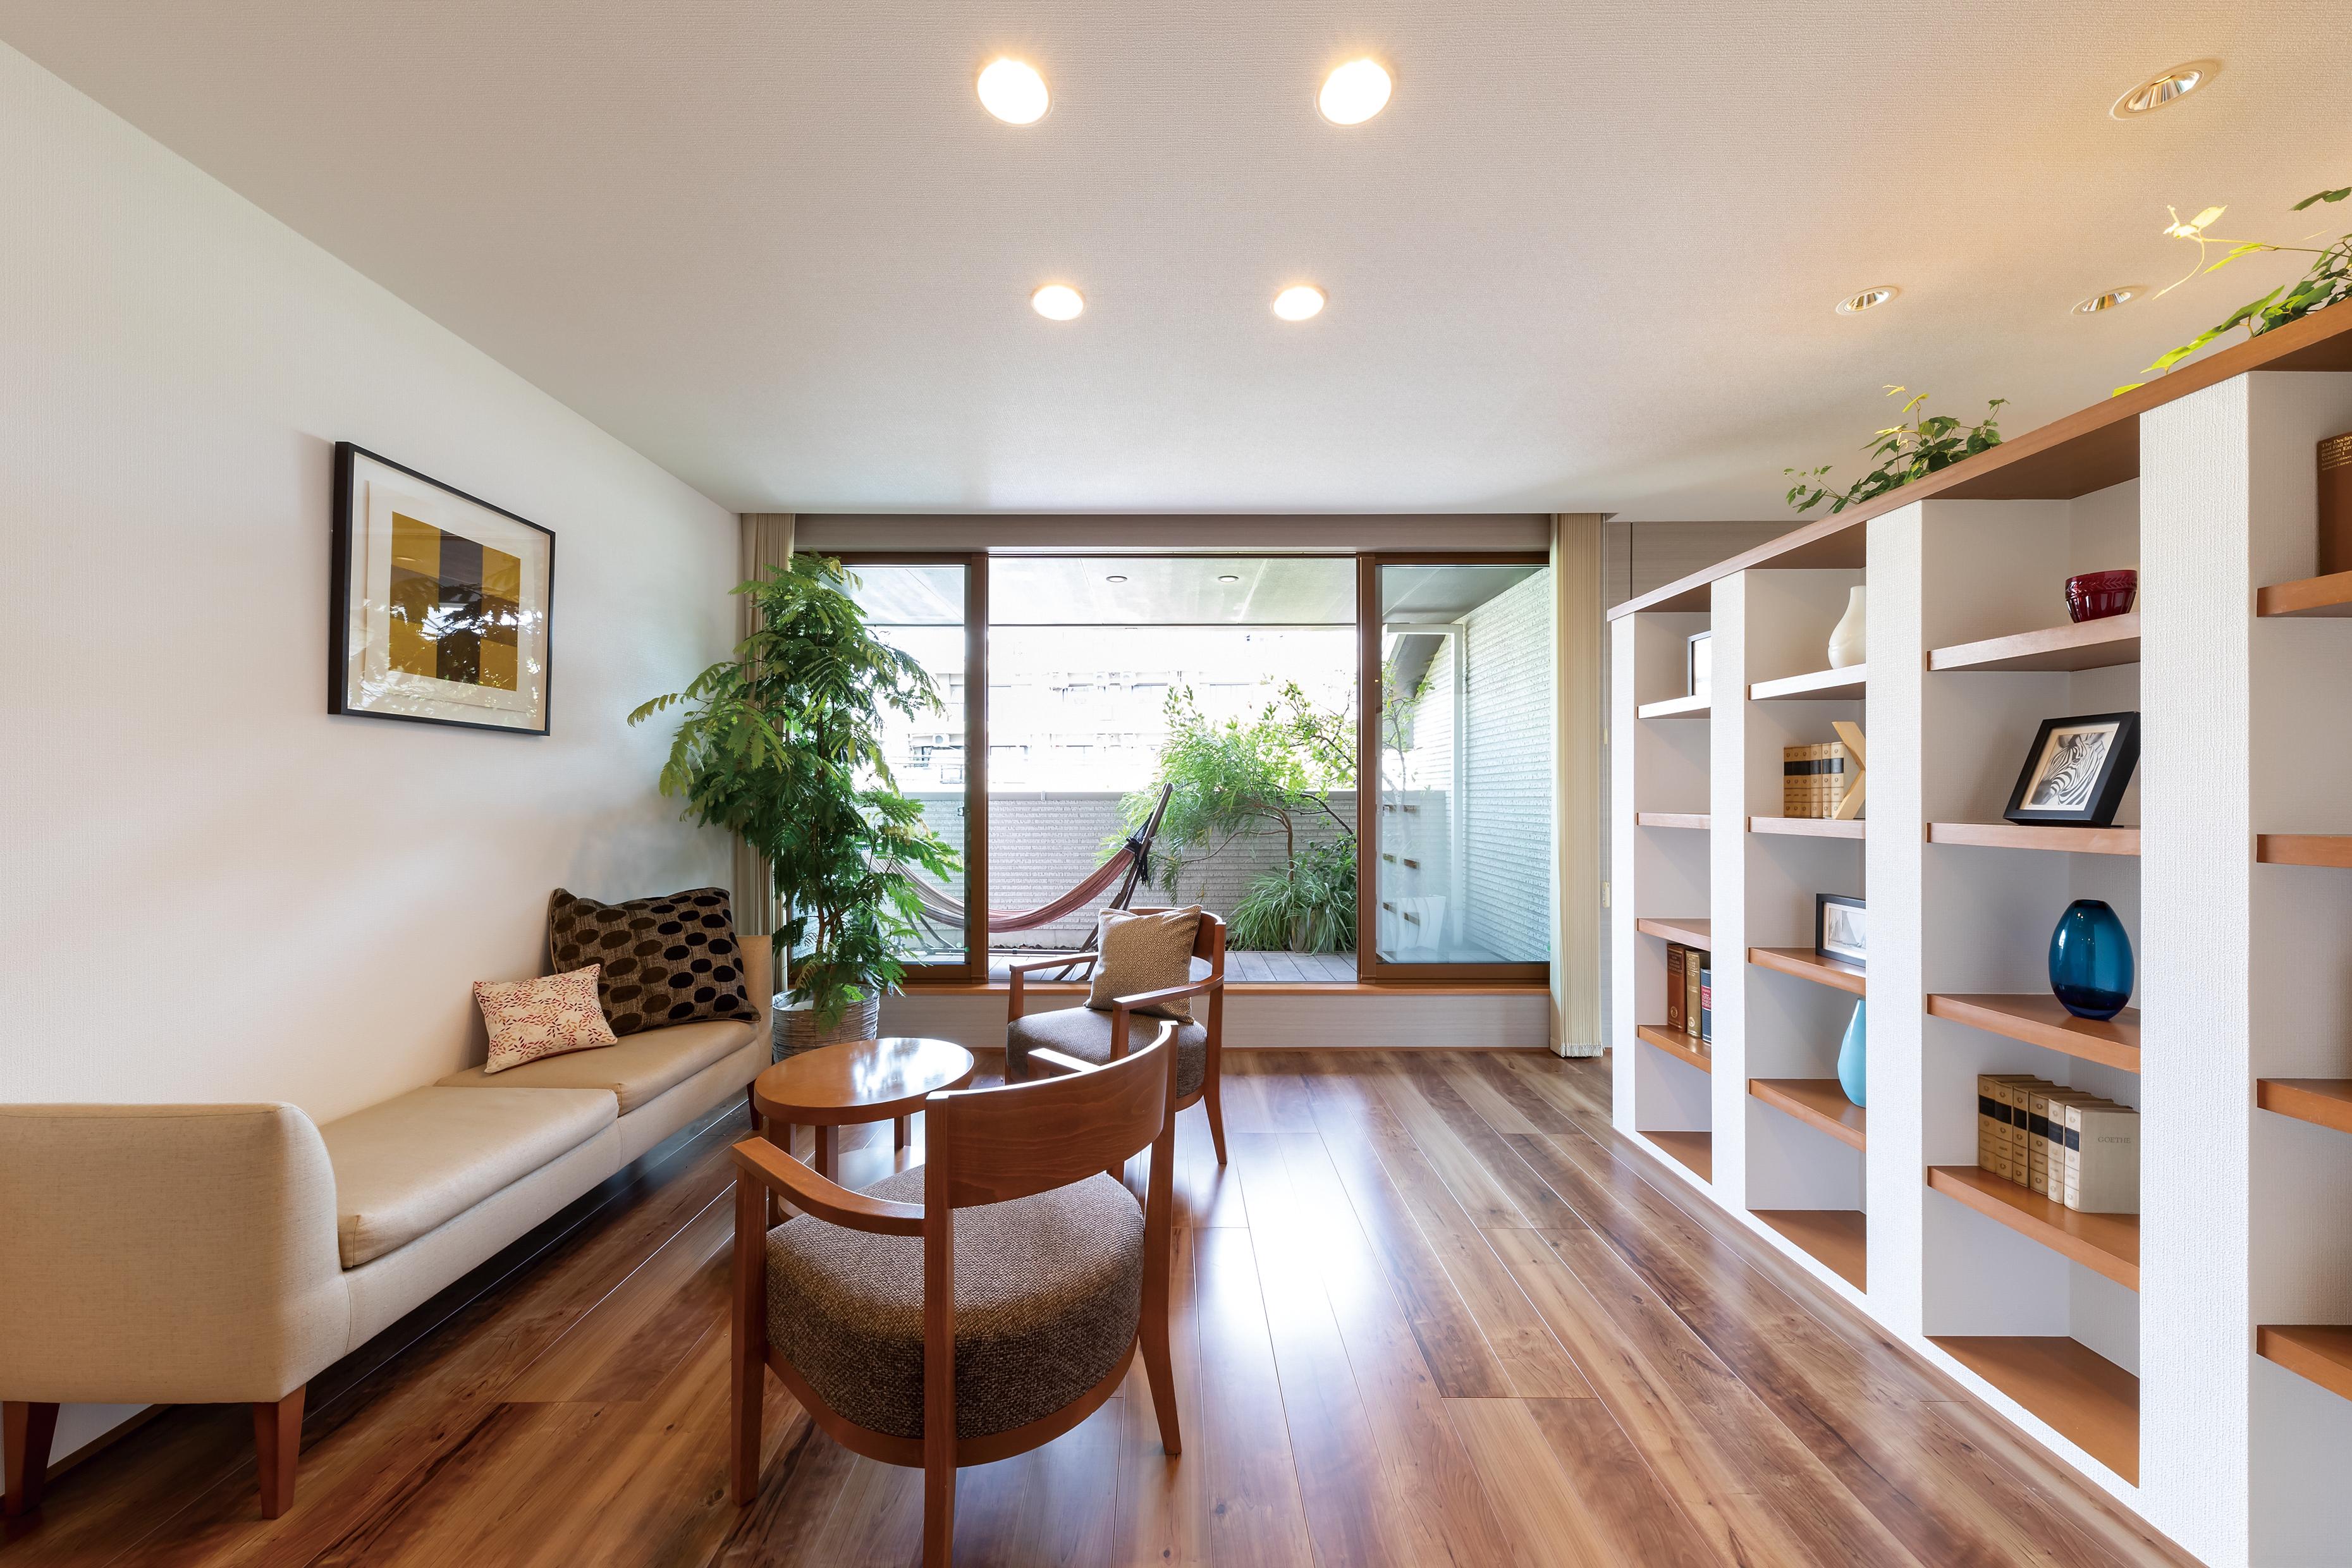 二階に設けたフリースペースは、セカンドリビングとして家族とゆったり過ごせます。またディスプレイ棚に趣味のコレクションを飾ったりと趣味を満喫するスペースとしても楽しめます。